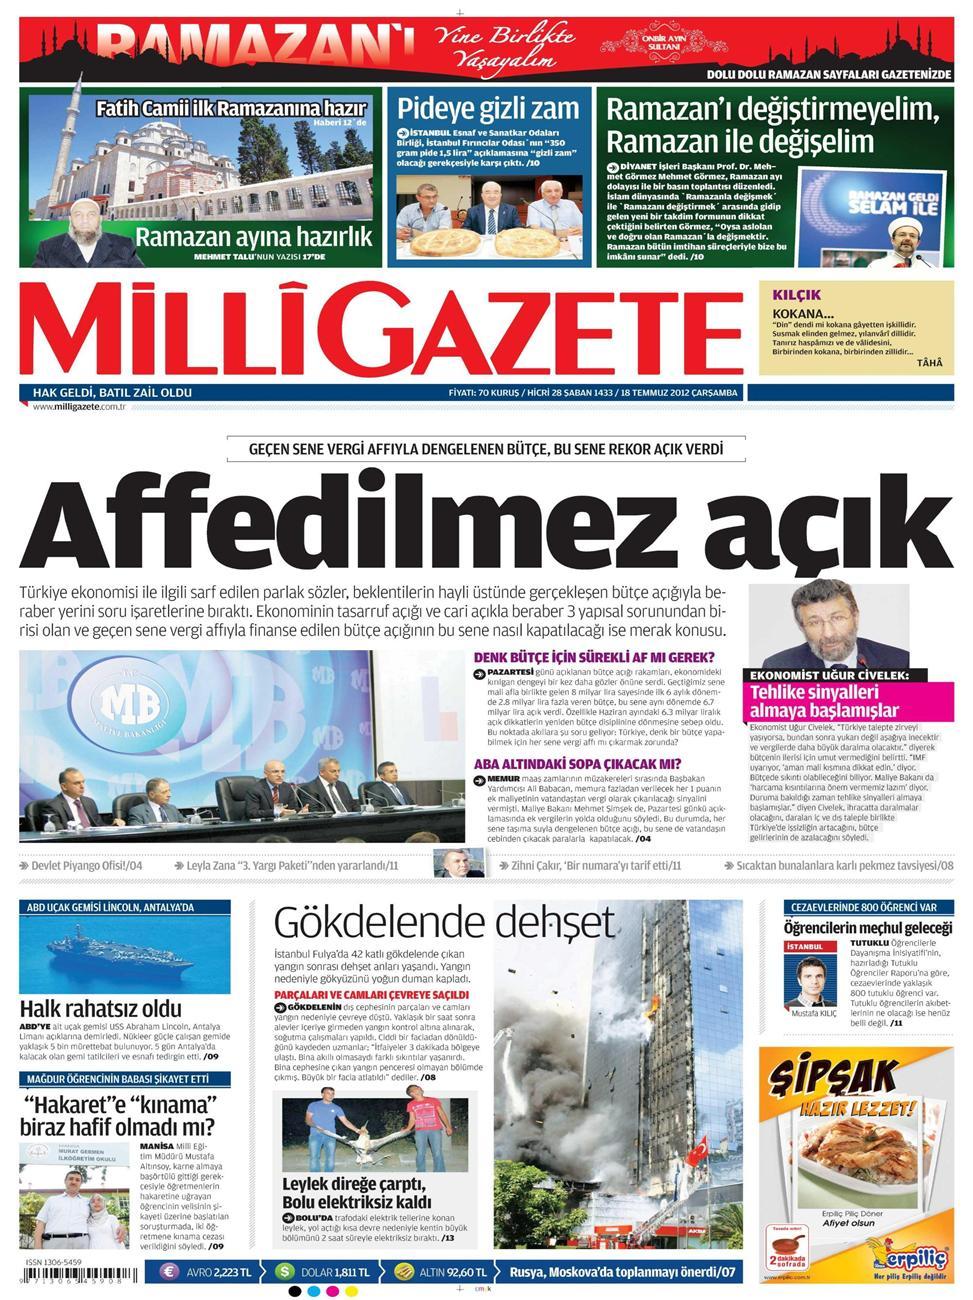 Gazete Manşetleri - 18 Temmuz 2012 7